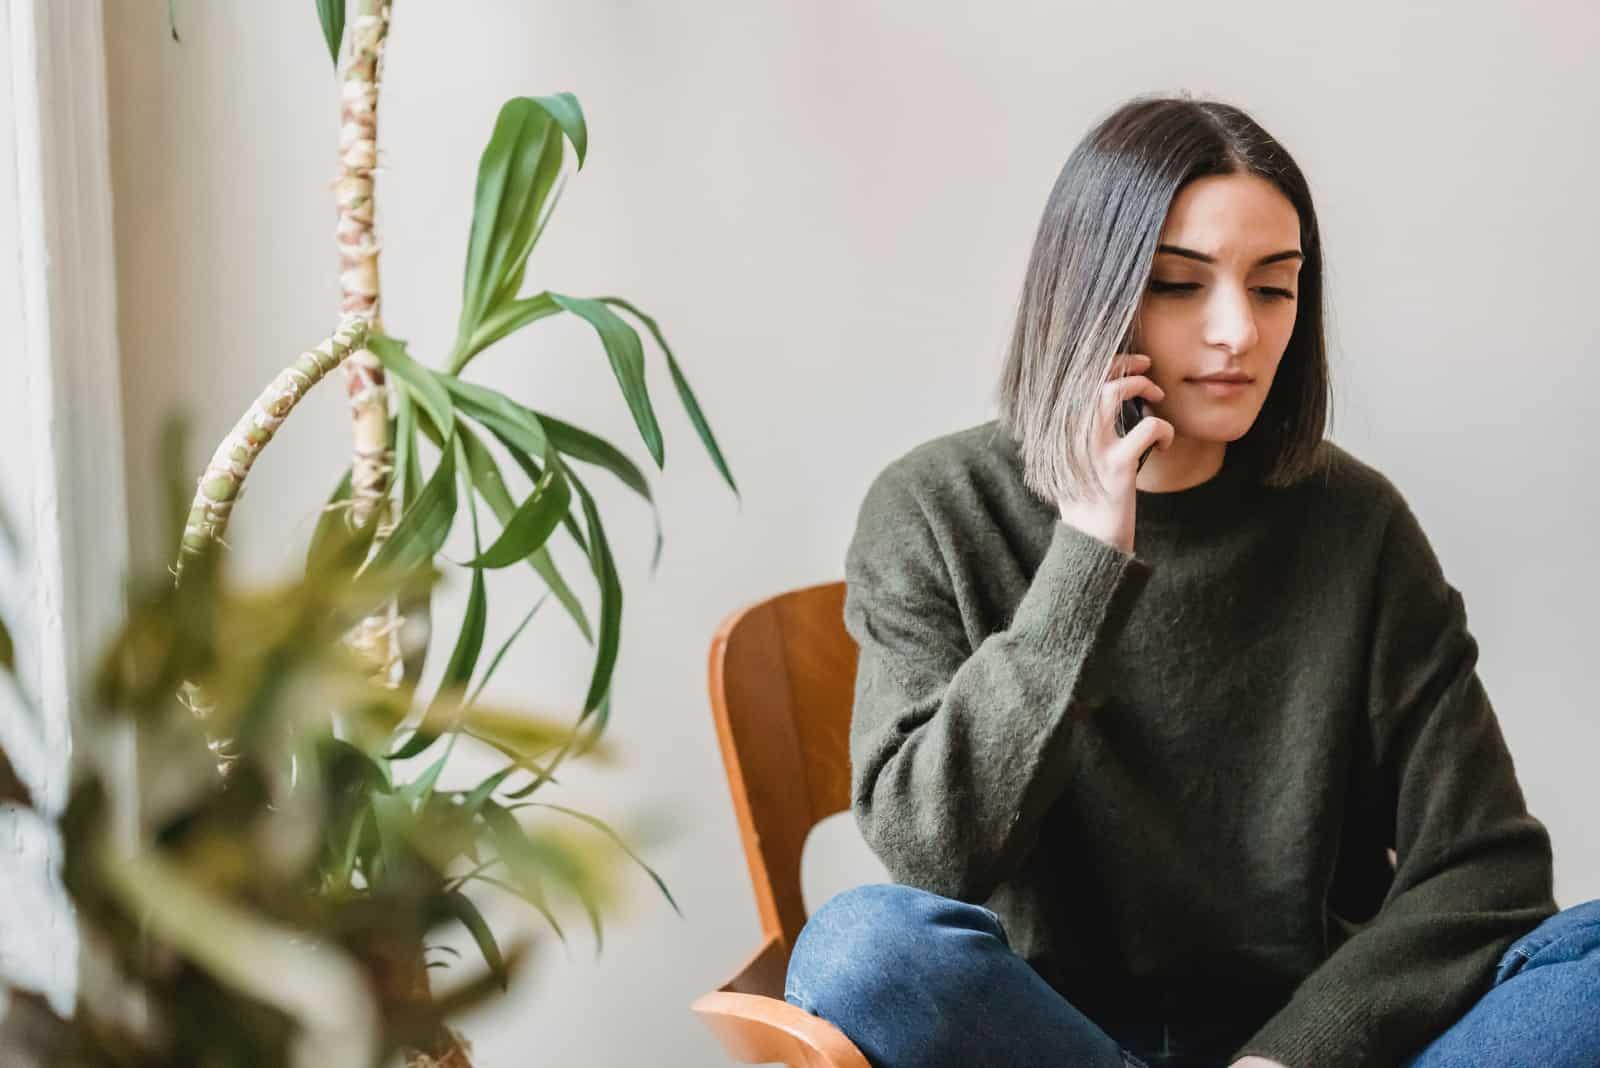 Femme parlant sur son smartphone, assise sur une chaise